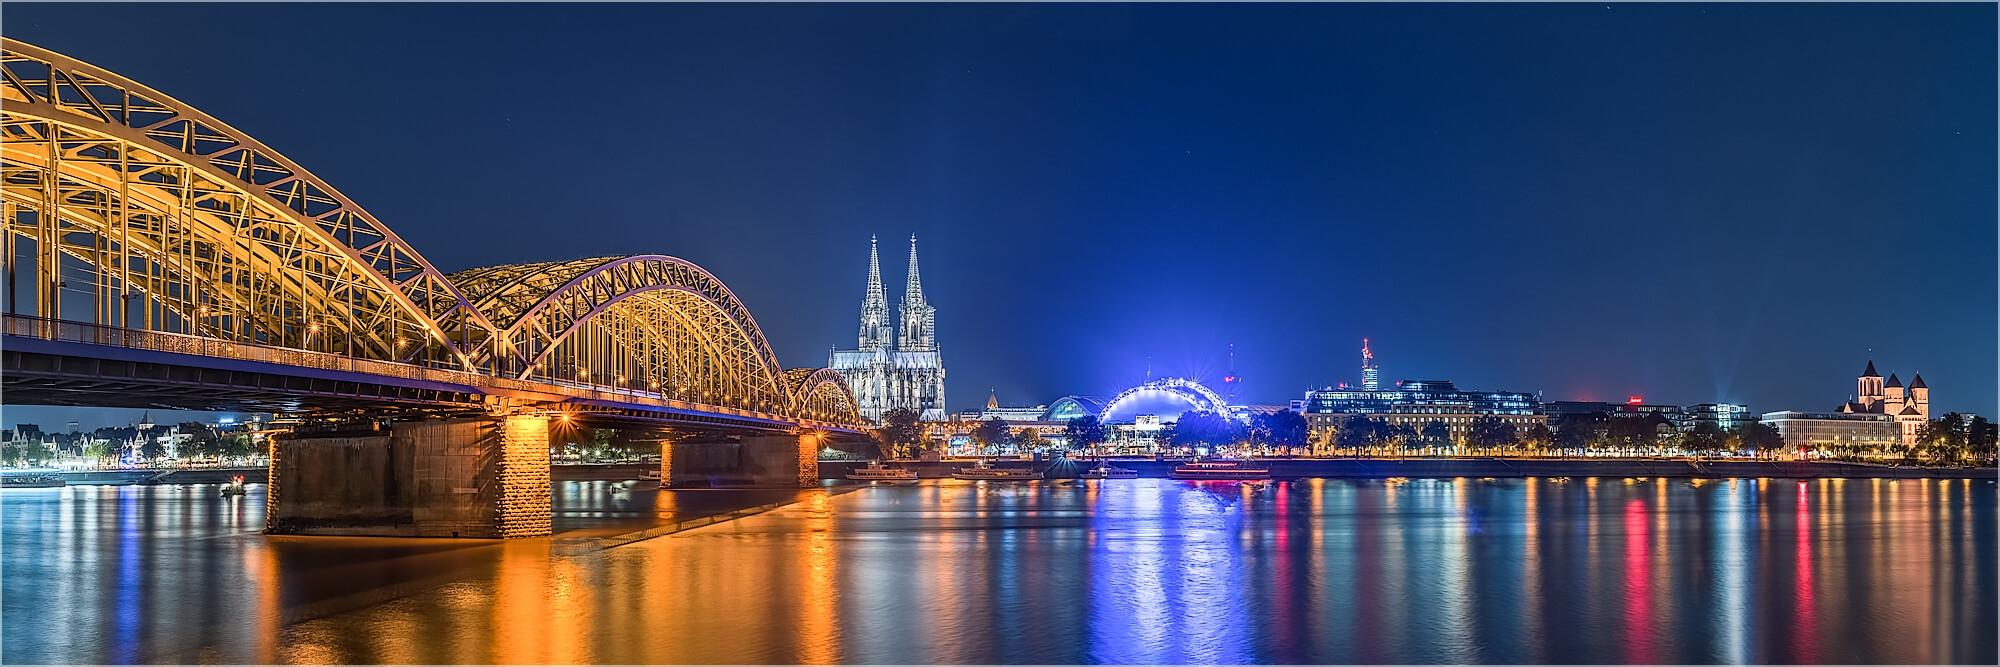 Panoramabild nächtliches Köln Hohenzollernbrücke und Dom